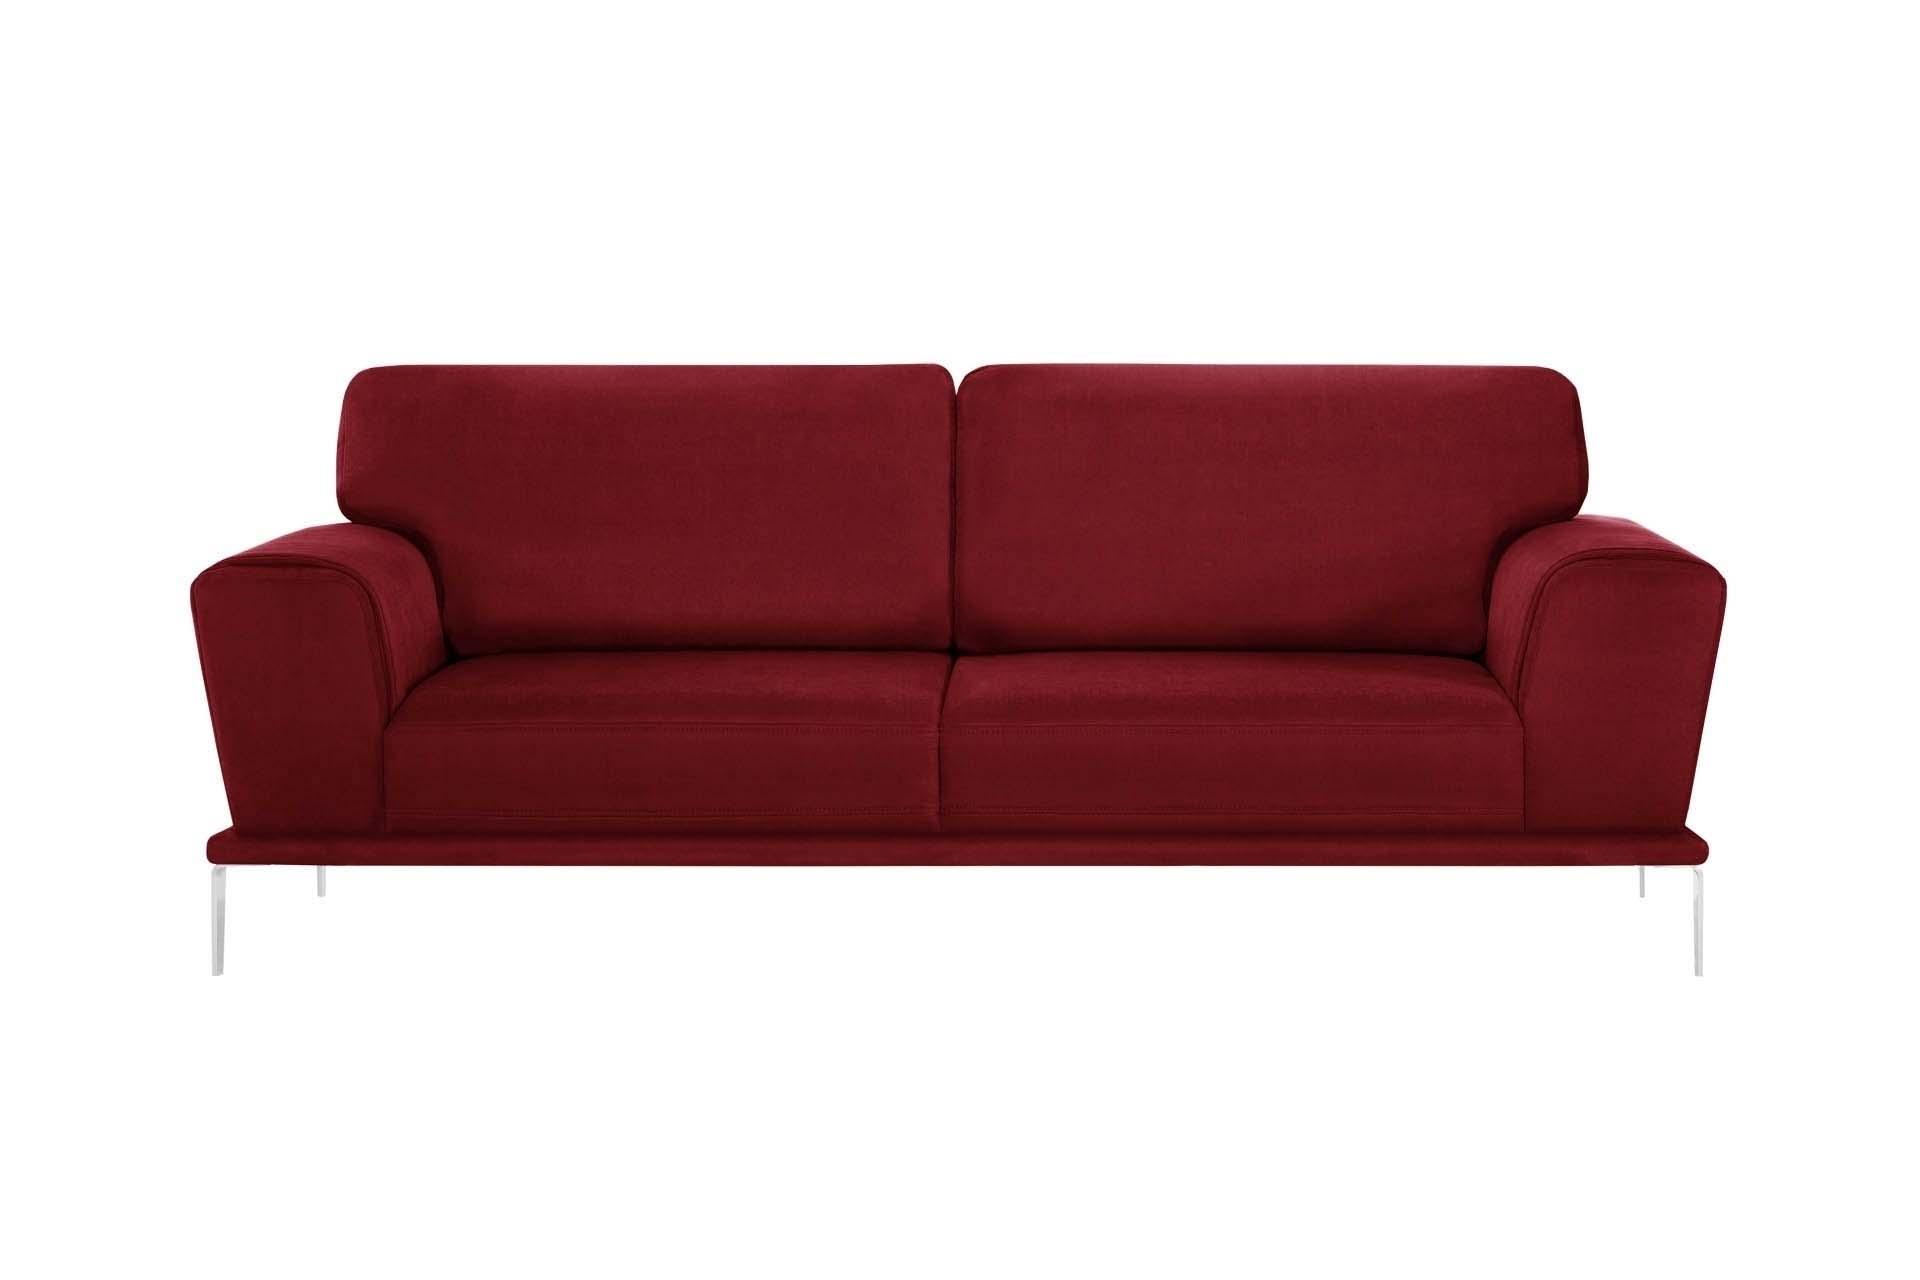 Canapé 3 places toucher coton rouge glamour